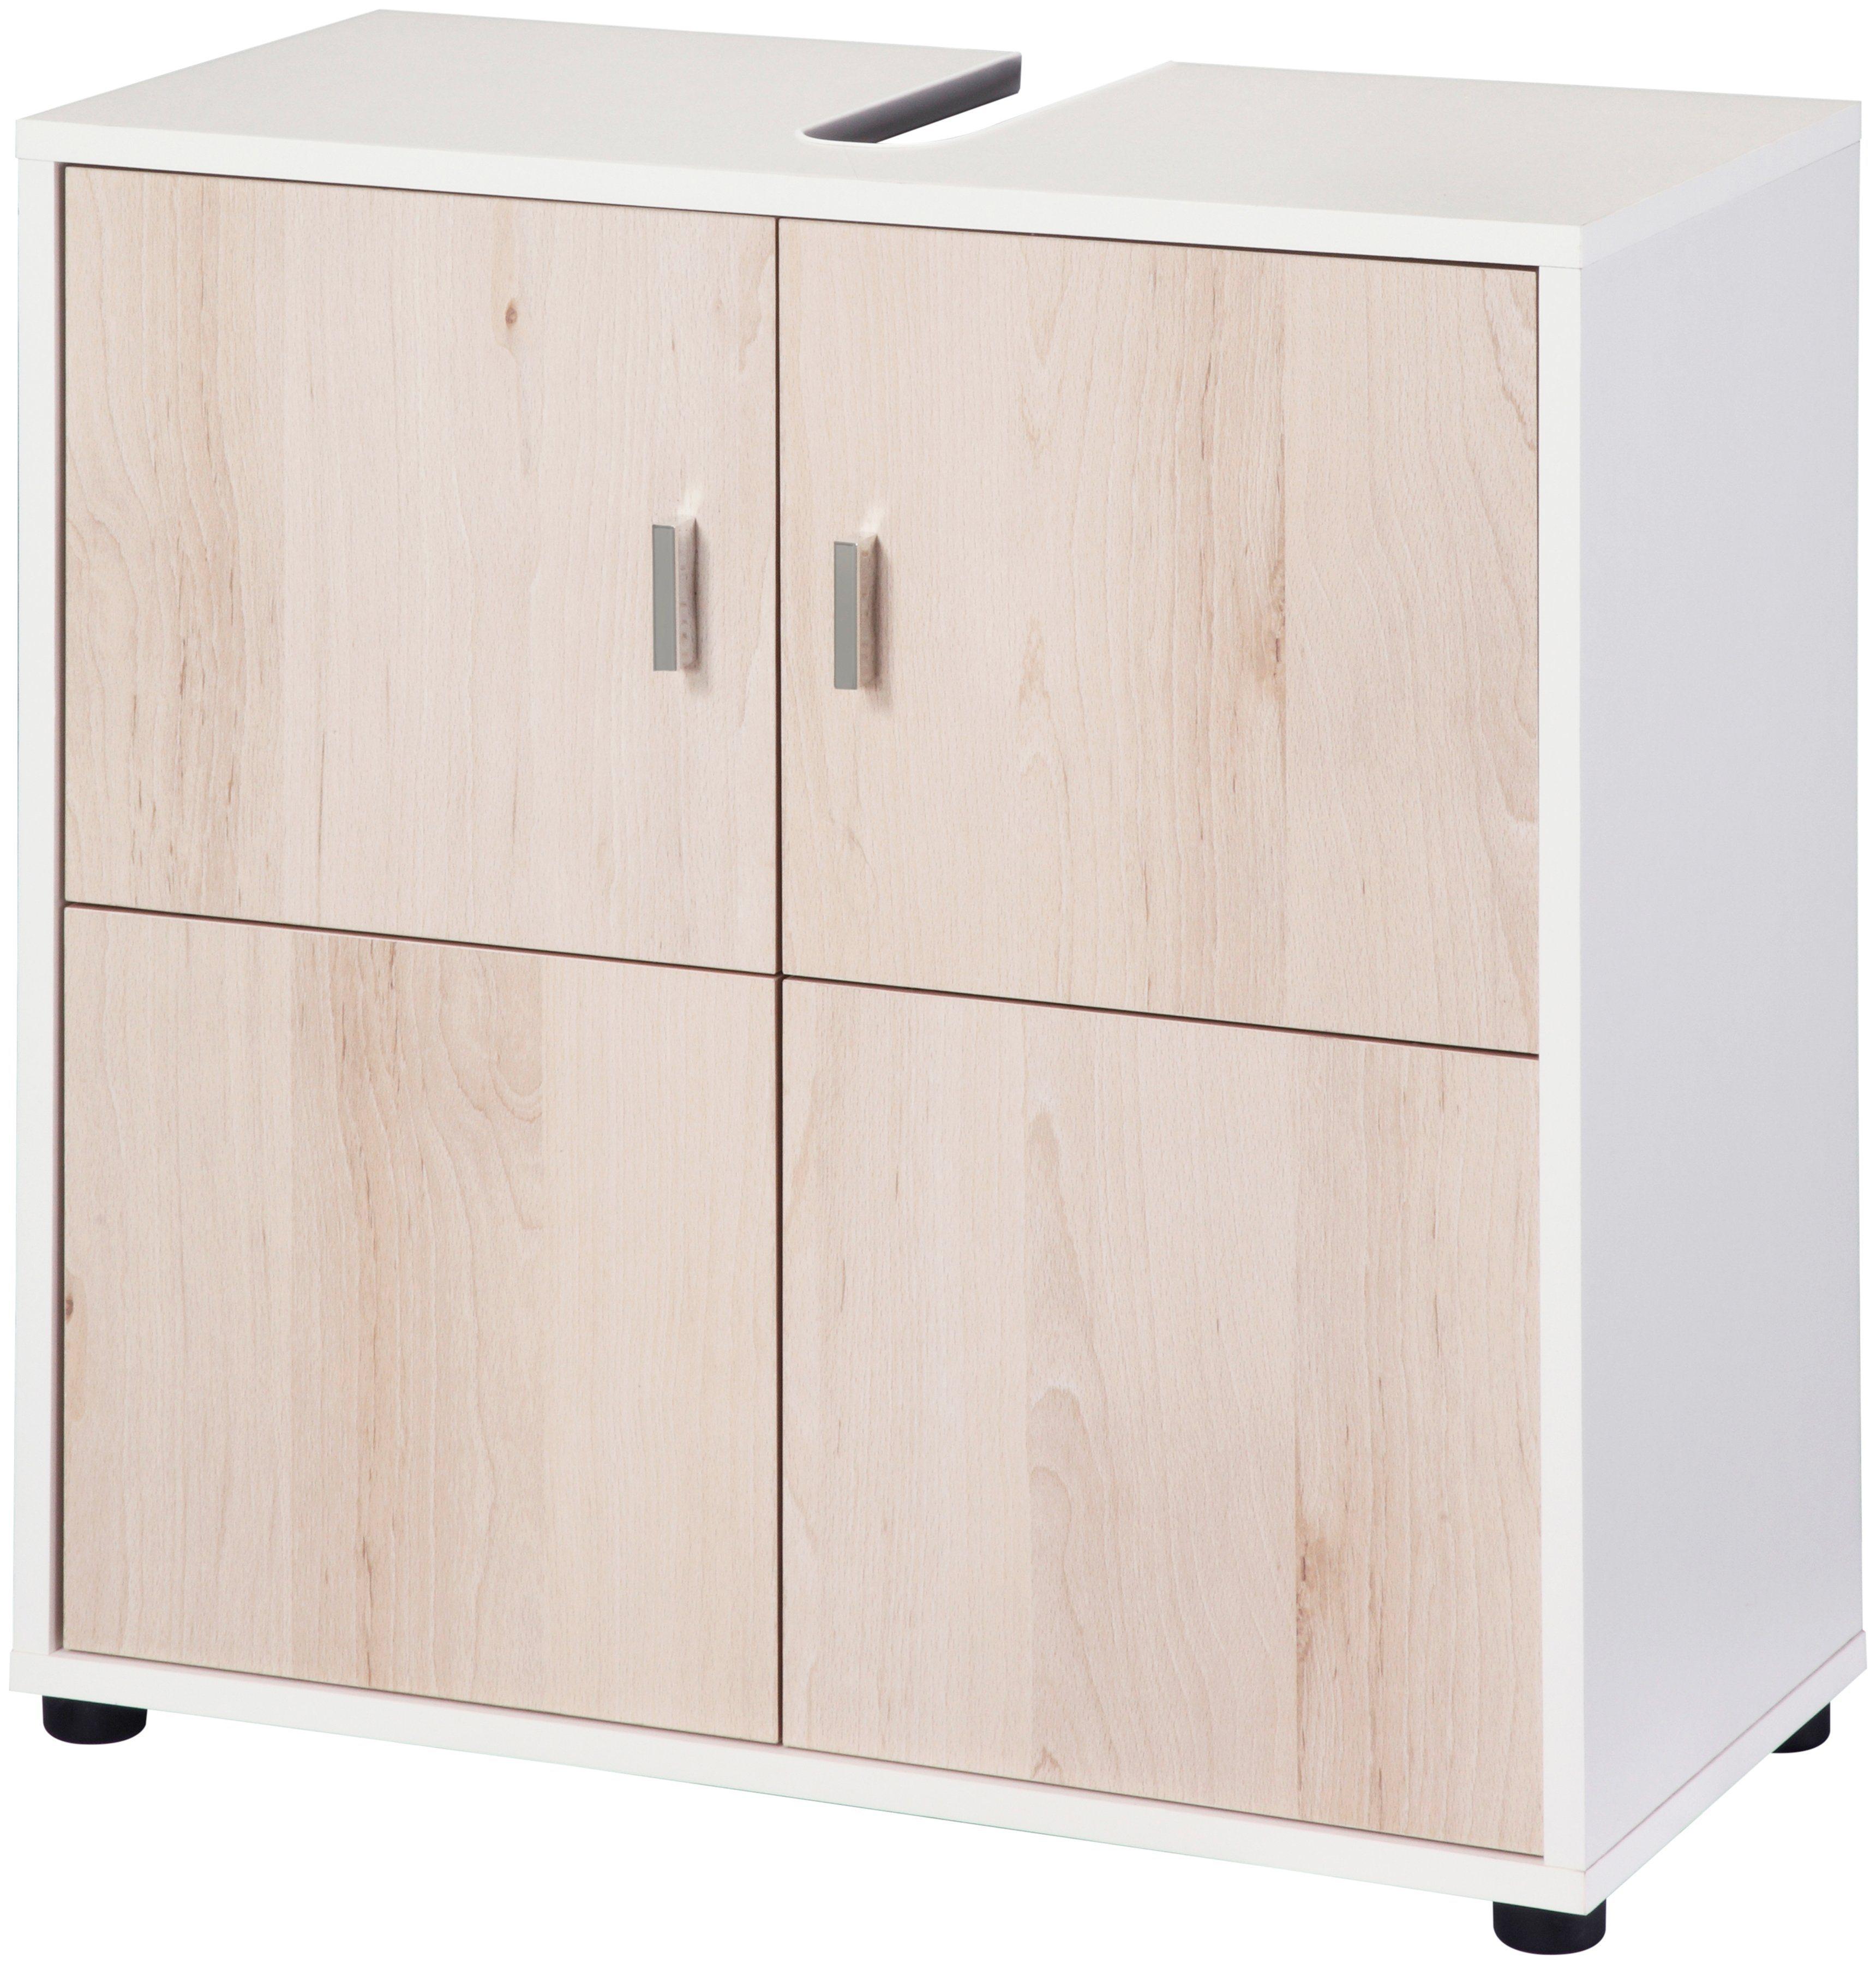 KESPER Waschbeckenunterschrank »Scala«, Breite 62 cm   Bad > Badmöbel > Waschbeckenunterschränke   Spanplatte   Kesper